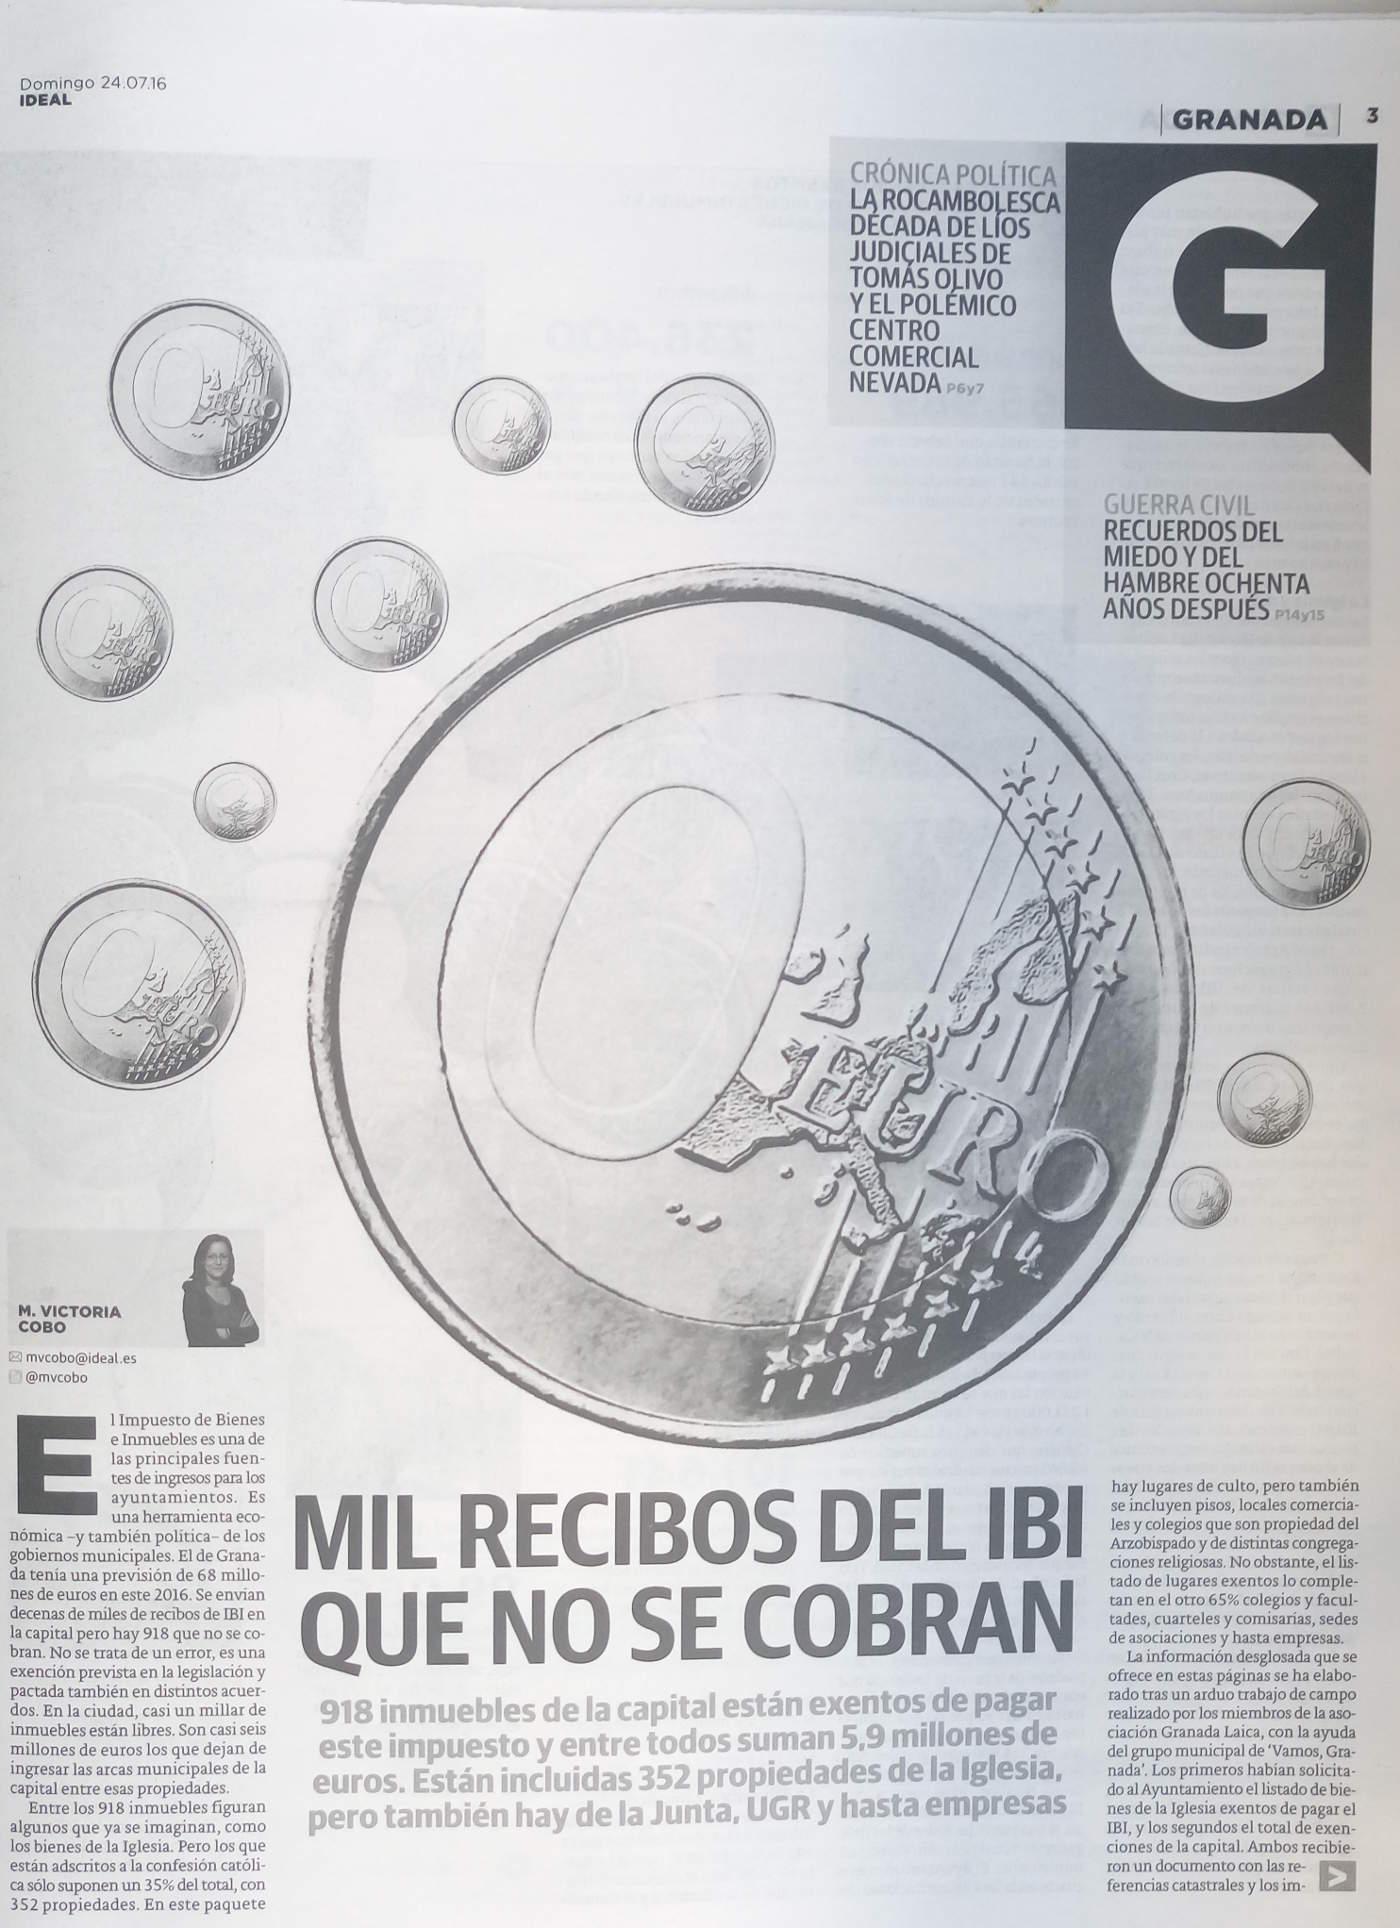 IBI Granada ID 3